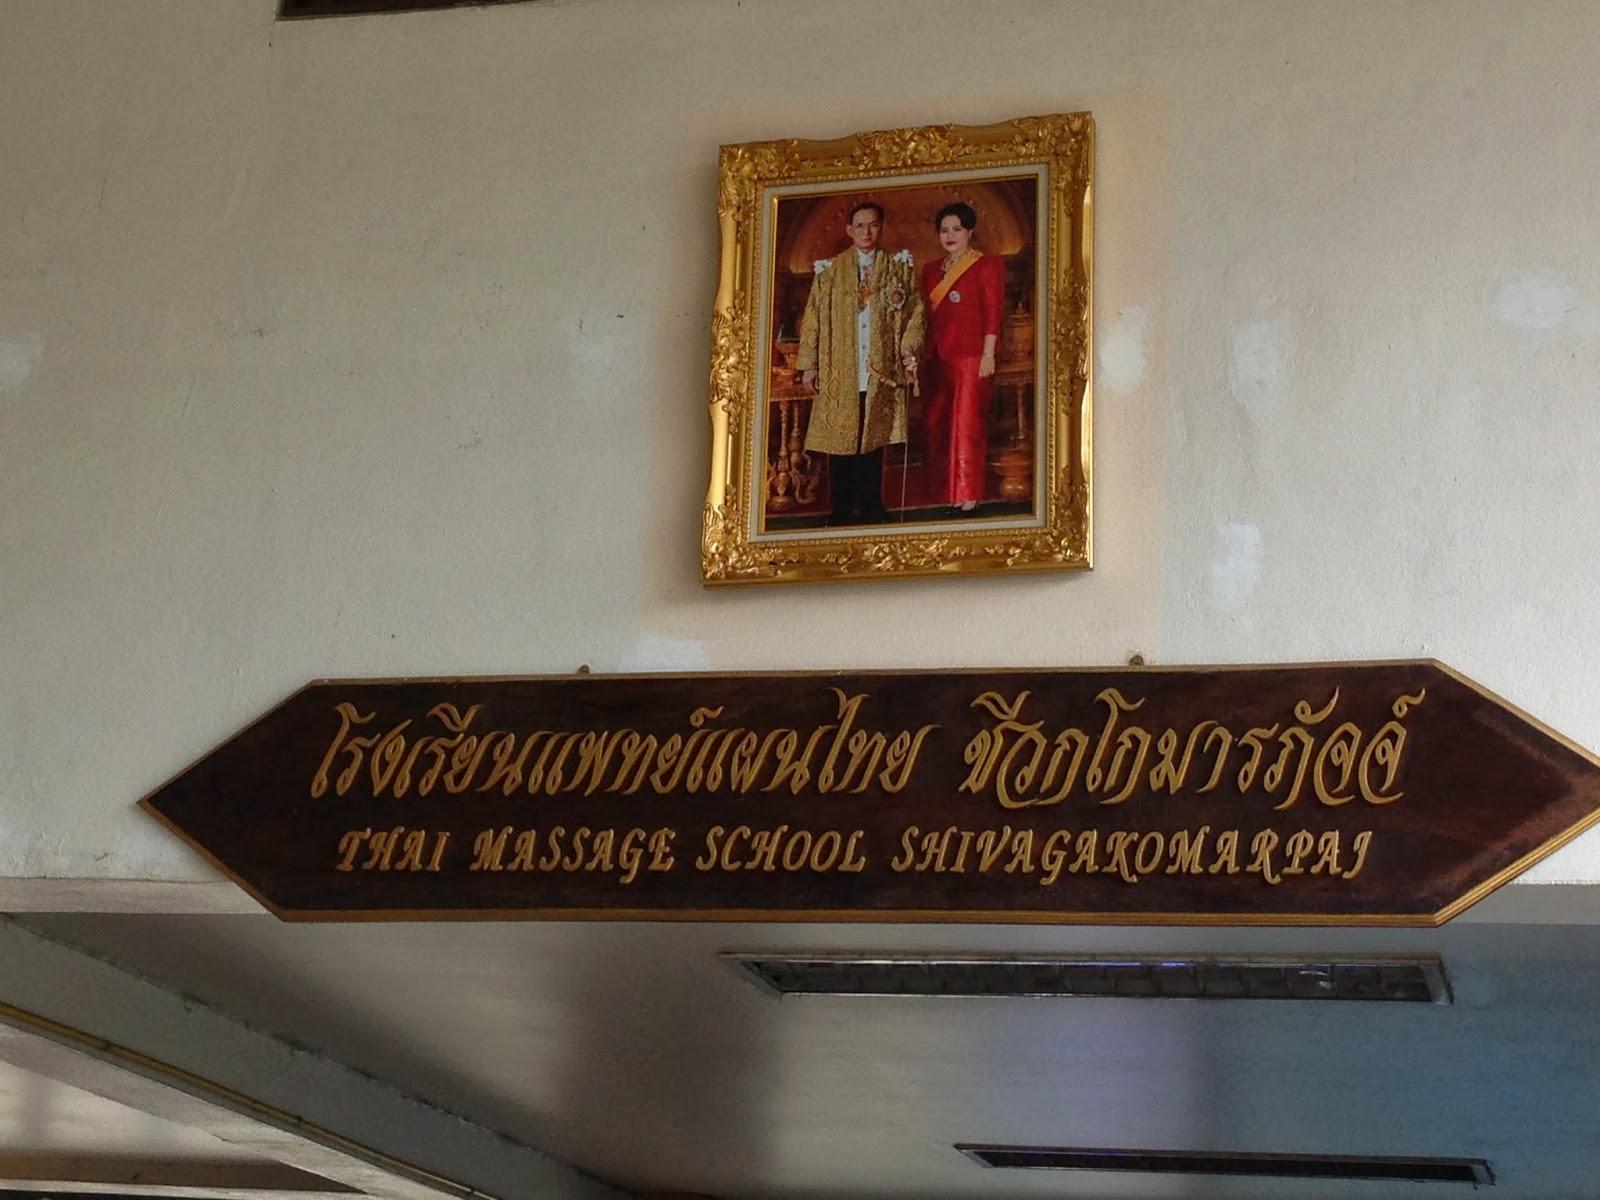 thai-massage-school-chiang-mai-thailand